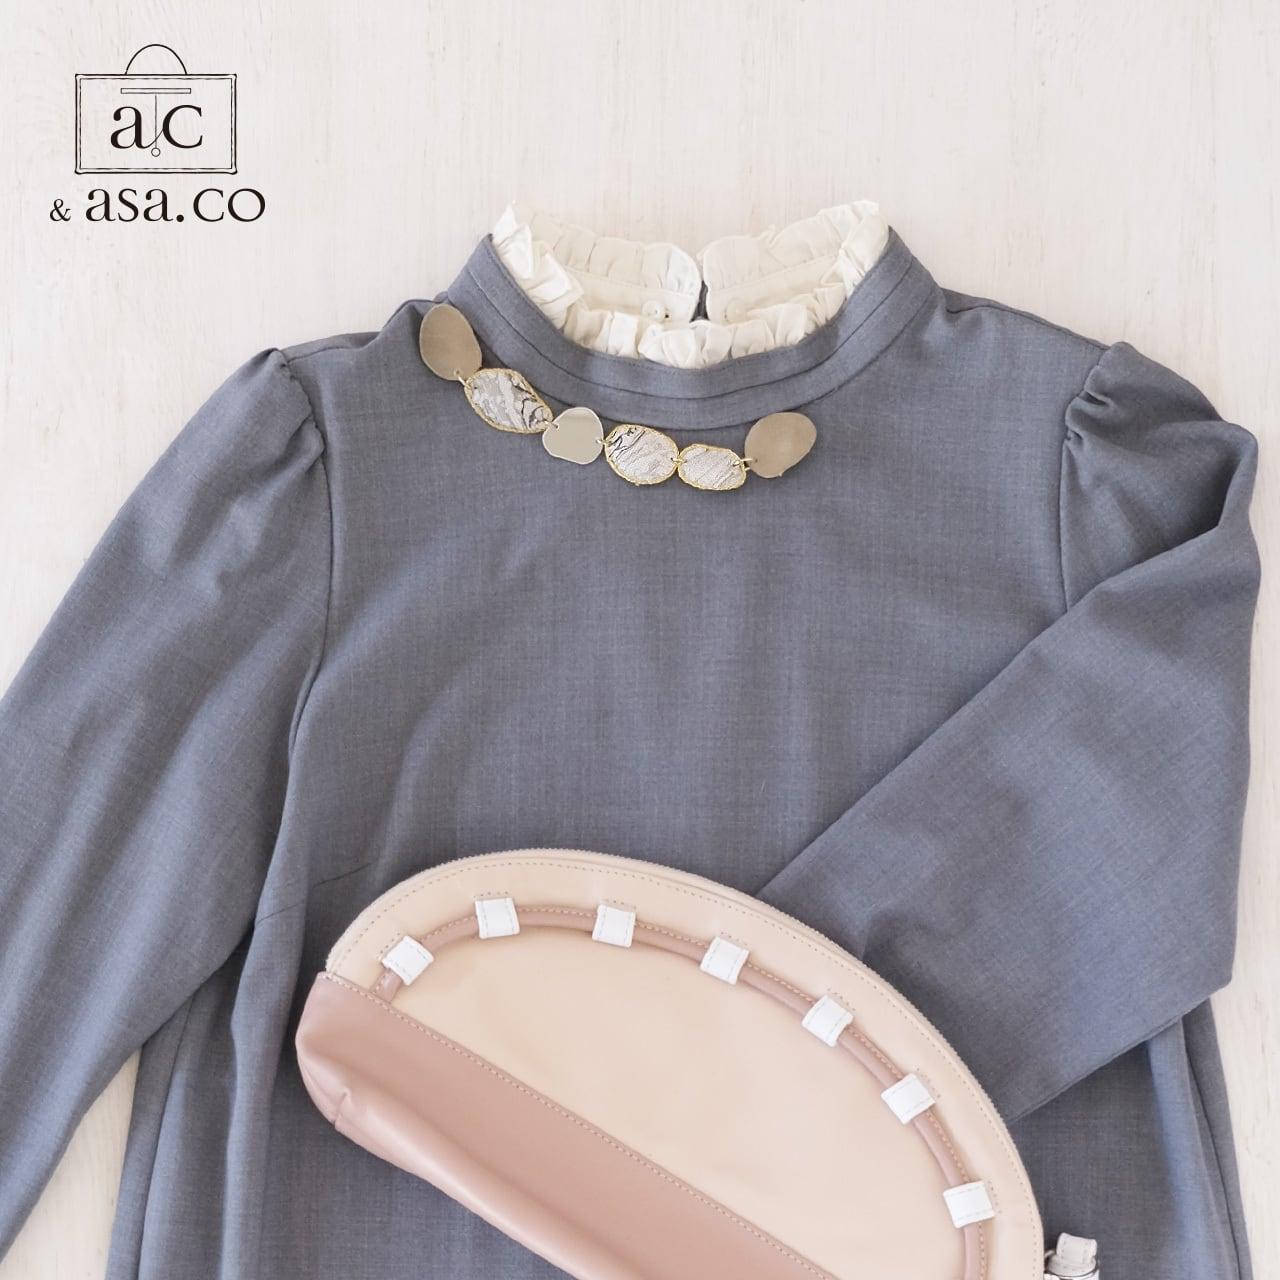 きらめき上品な衿元に 麻のブローチ〈 NeckStone 〉墨